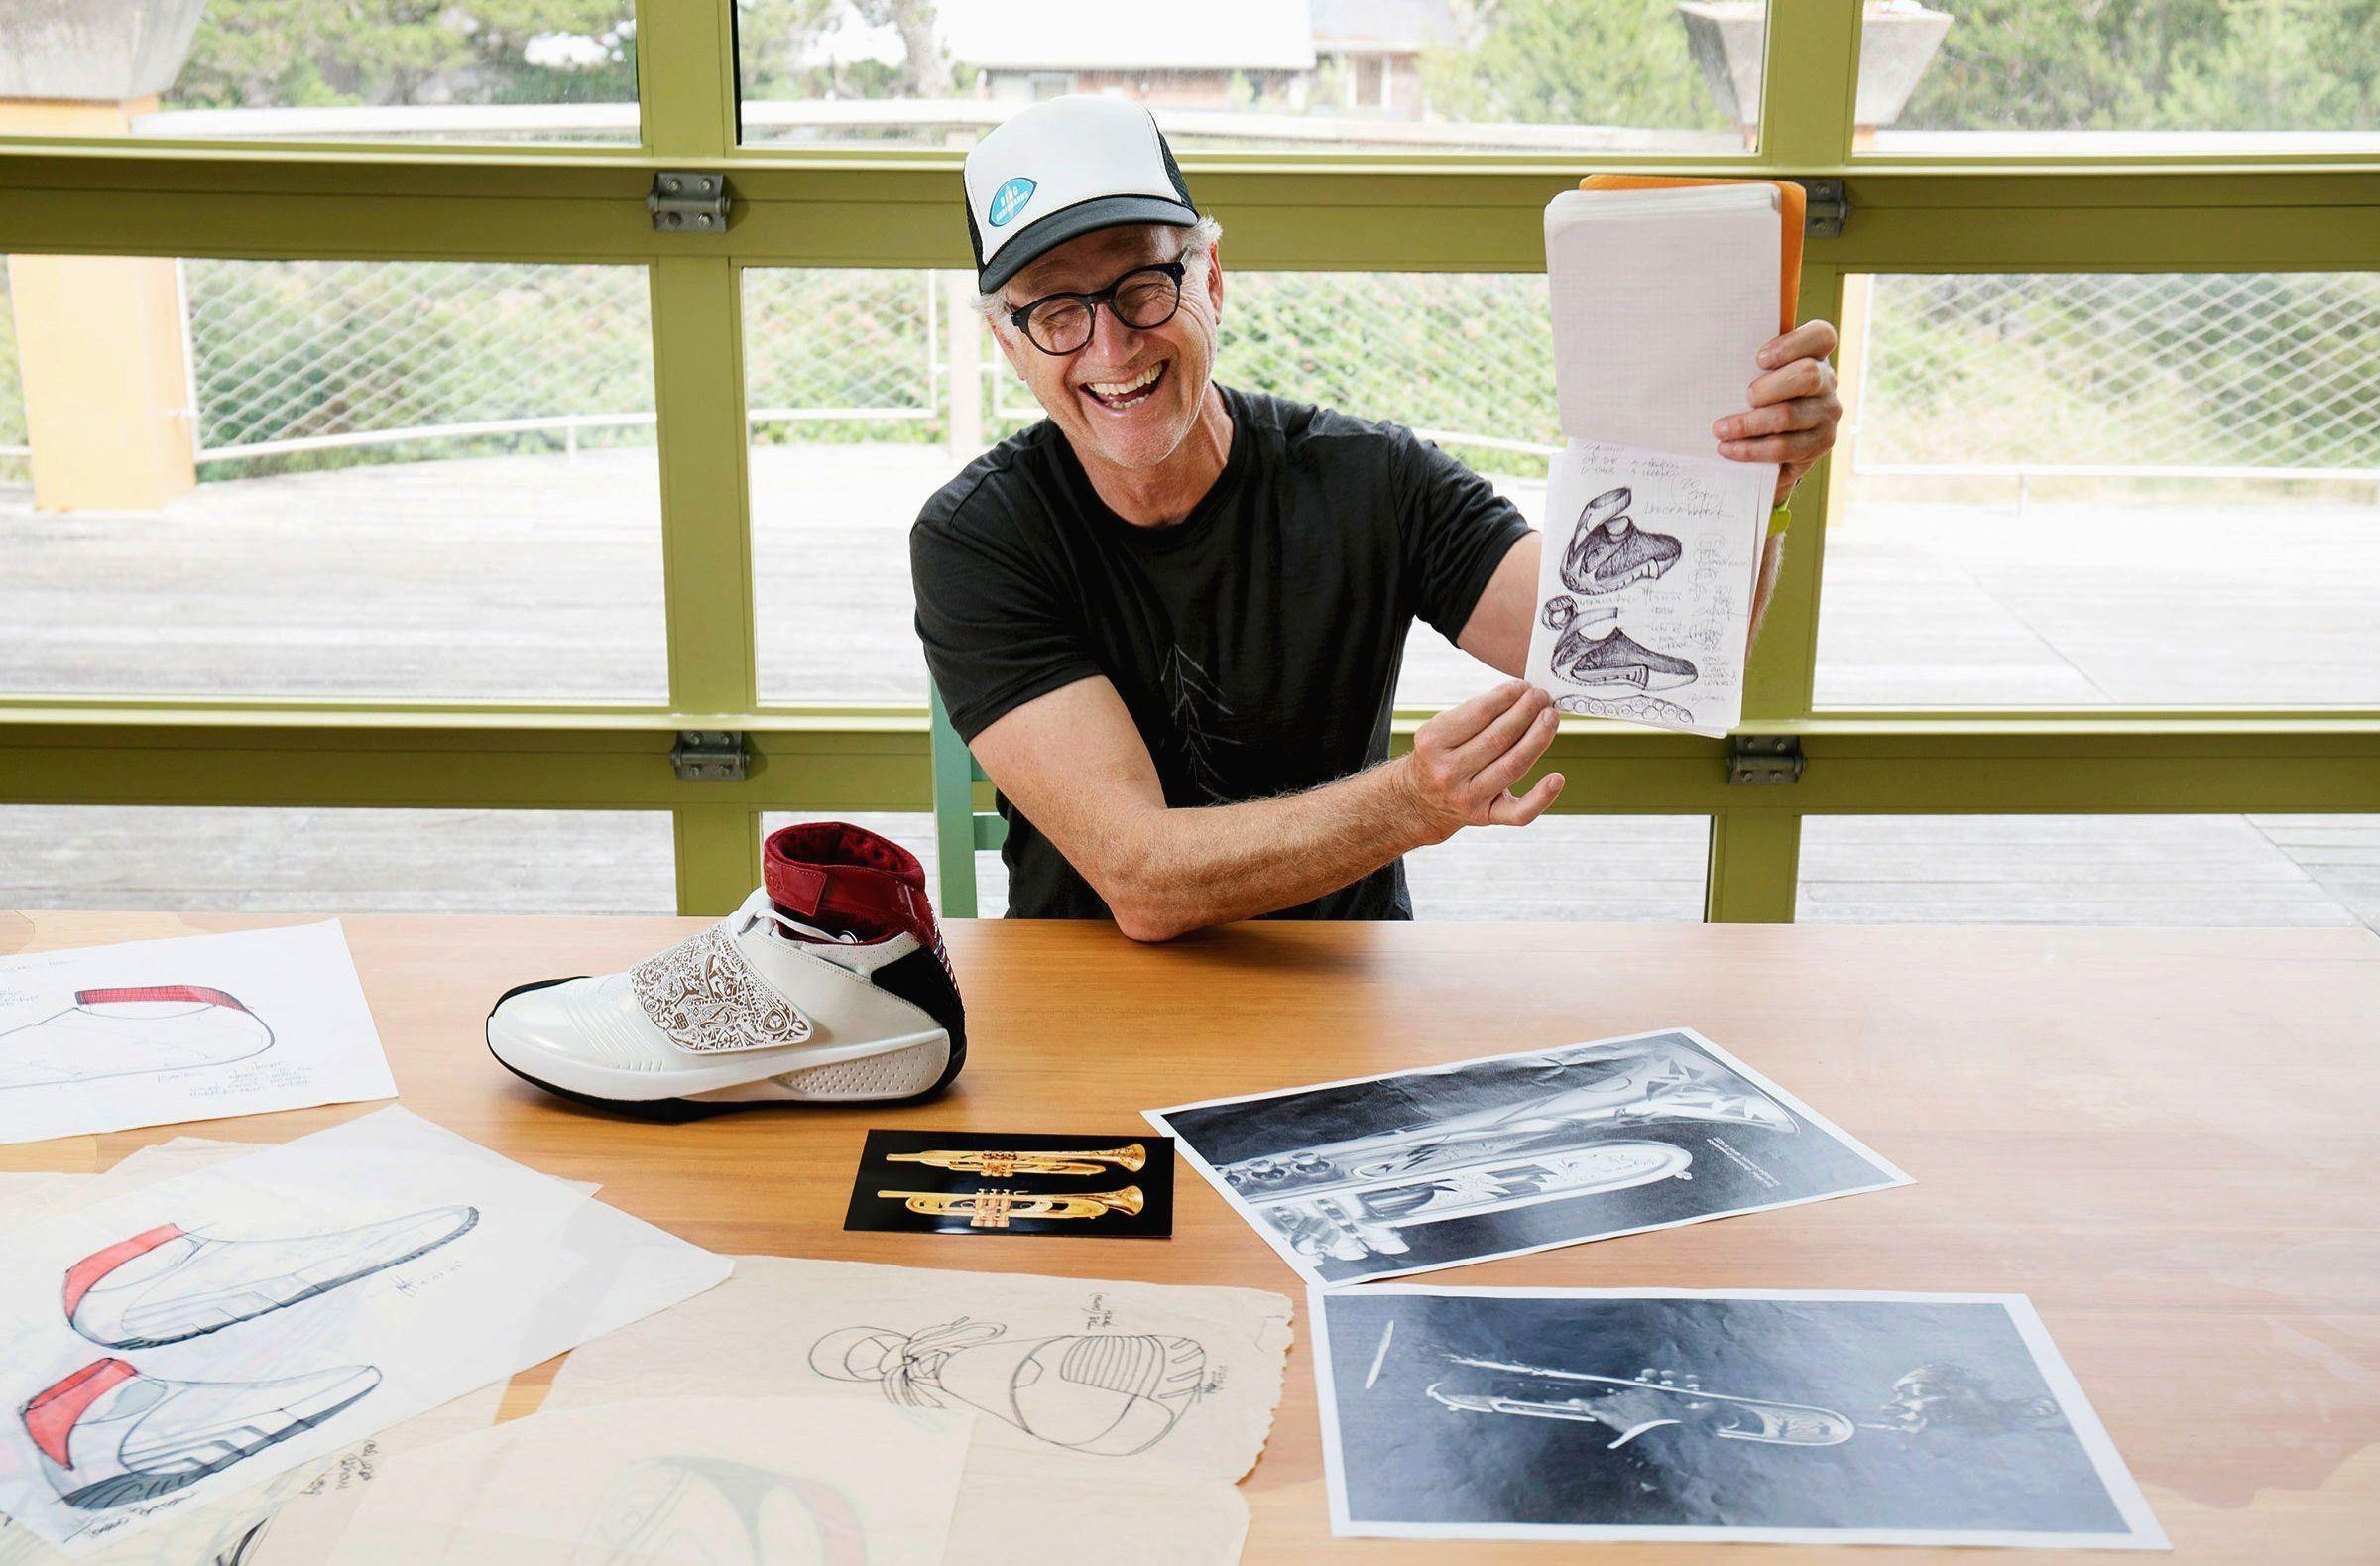 Abstract: The Art of Design - Tinker Hatfield (2017) — лучшие документальные фильмы о моде